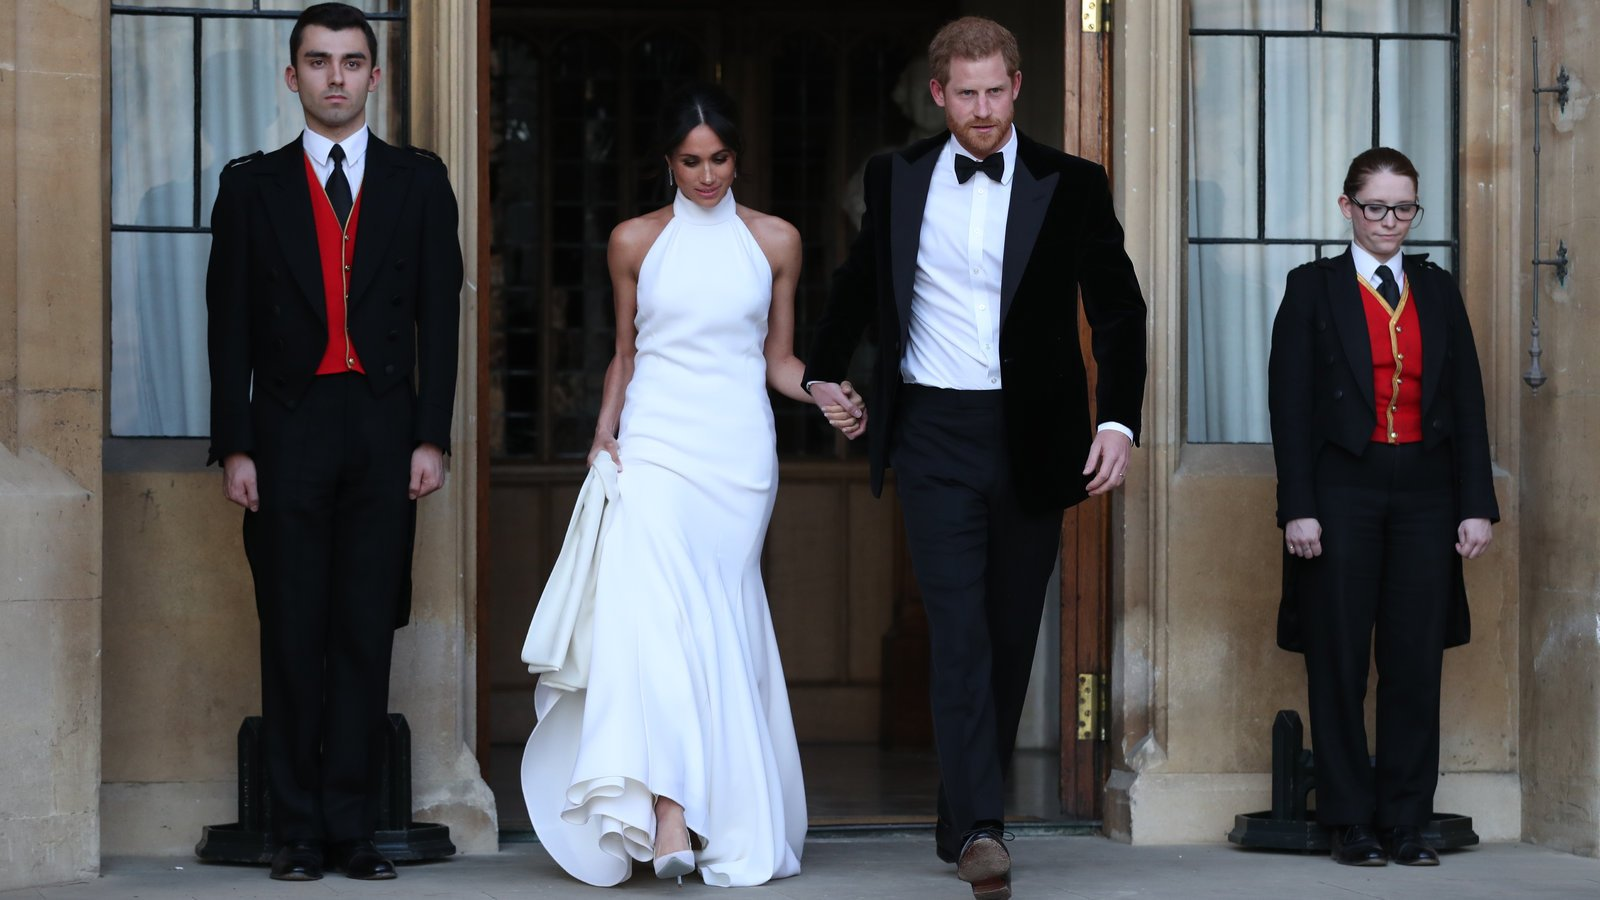 Royal-Wedding-Slideshow-slide-SZ42-videoSixteenByNineJumbo1600